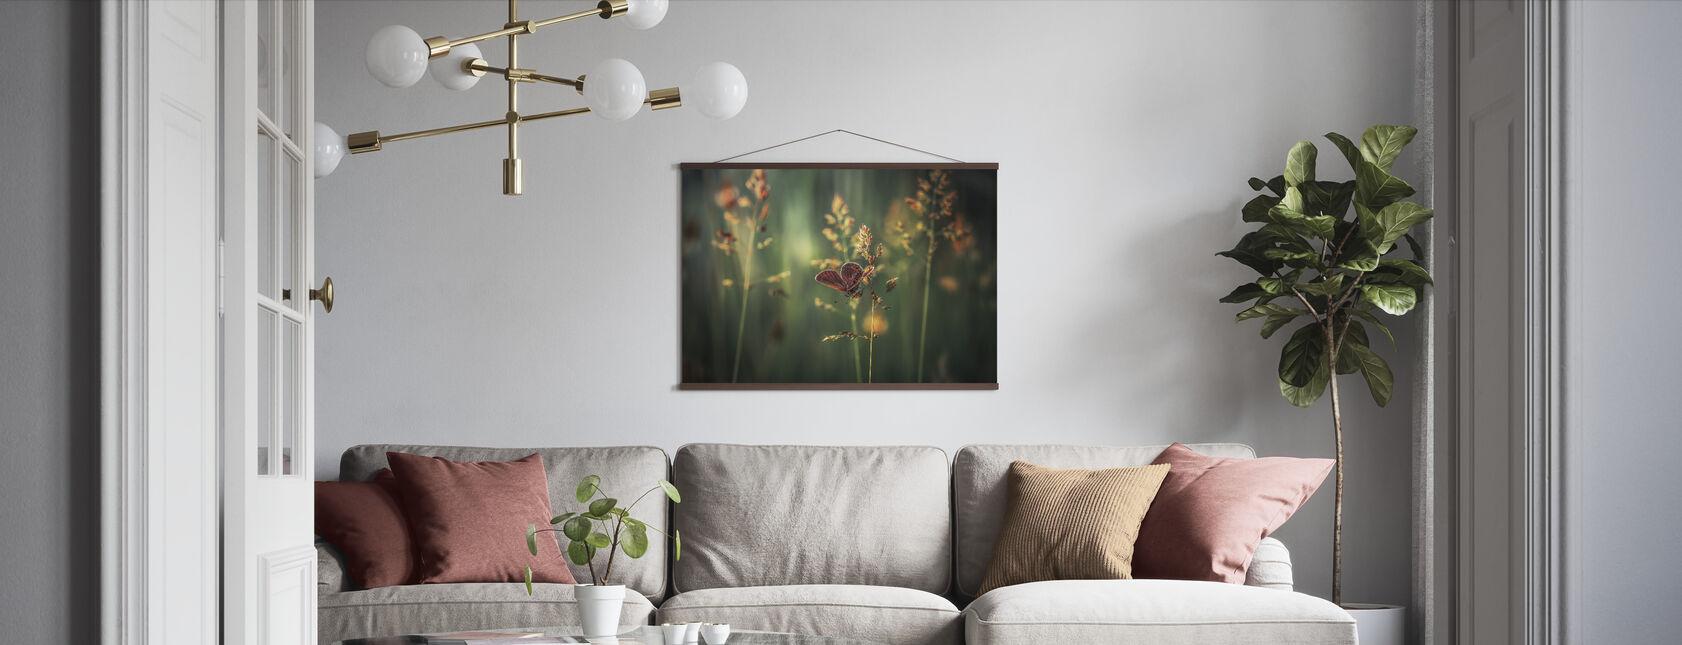 Sista ljuset - Poster - Vardagsrum